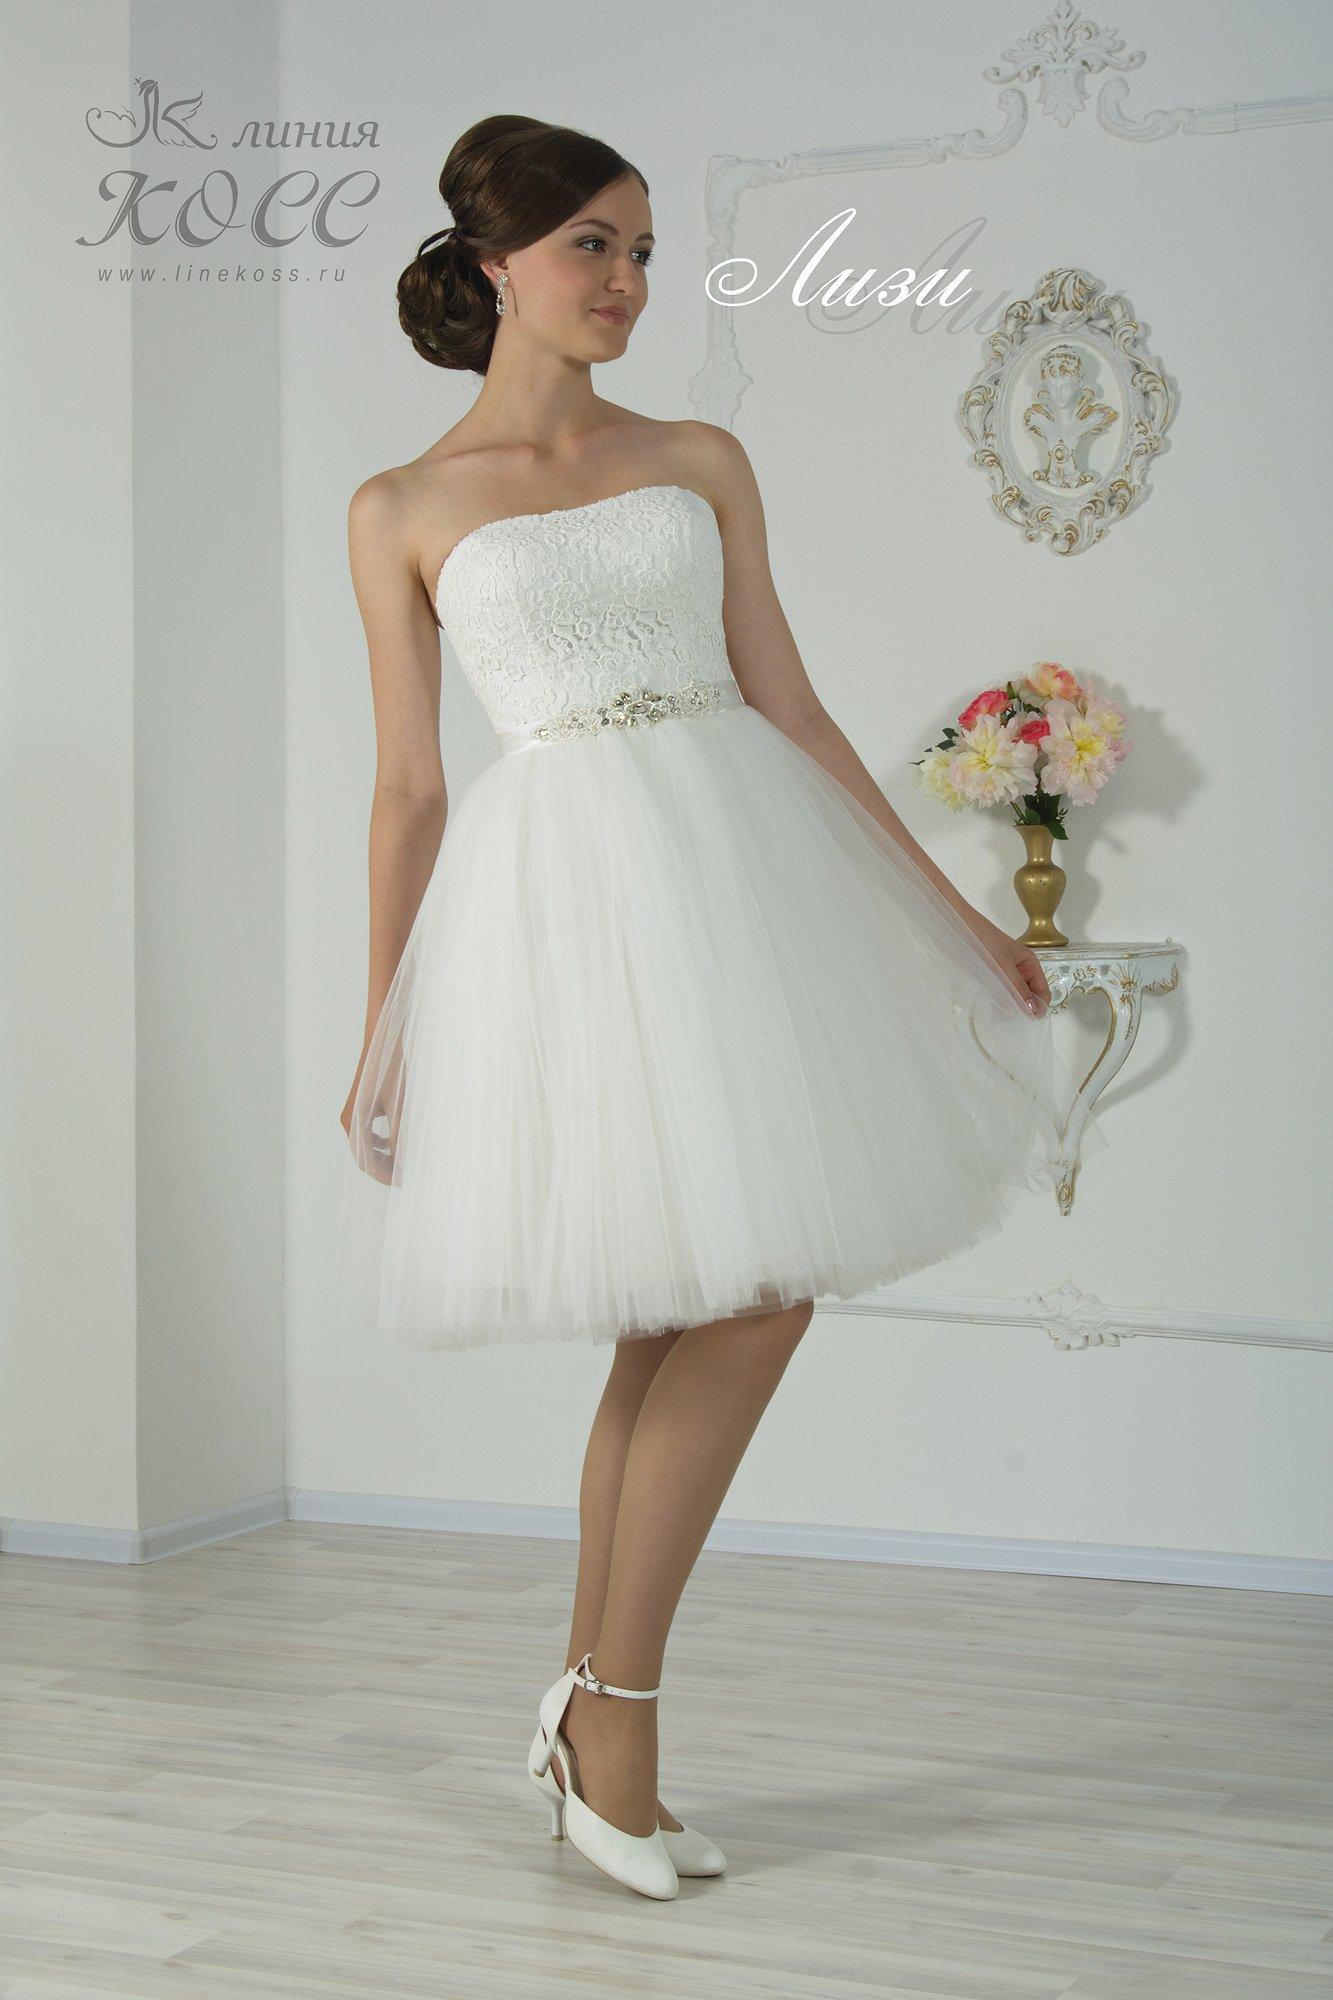 df1e8bf6ba8 Белое короткое вечернее платье Linia Koss Лизи белое ▷ Свадебный ...